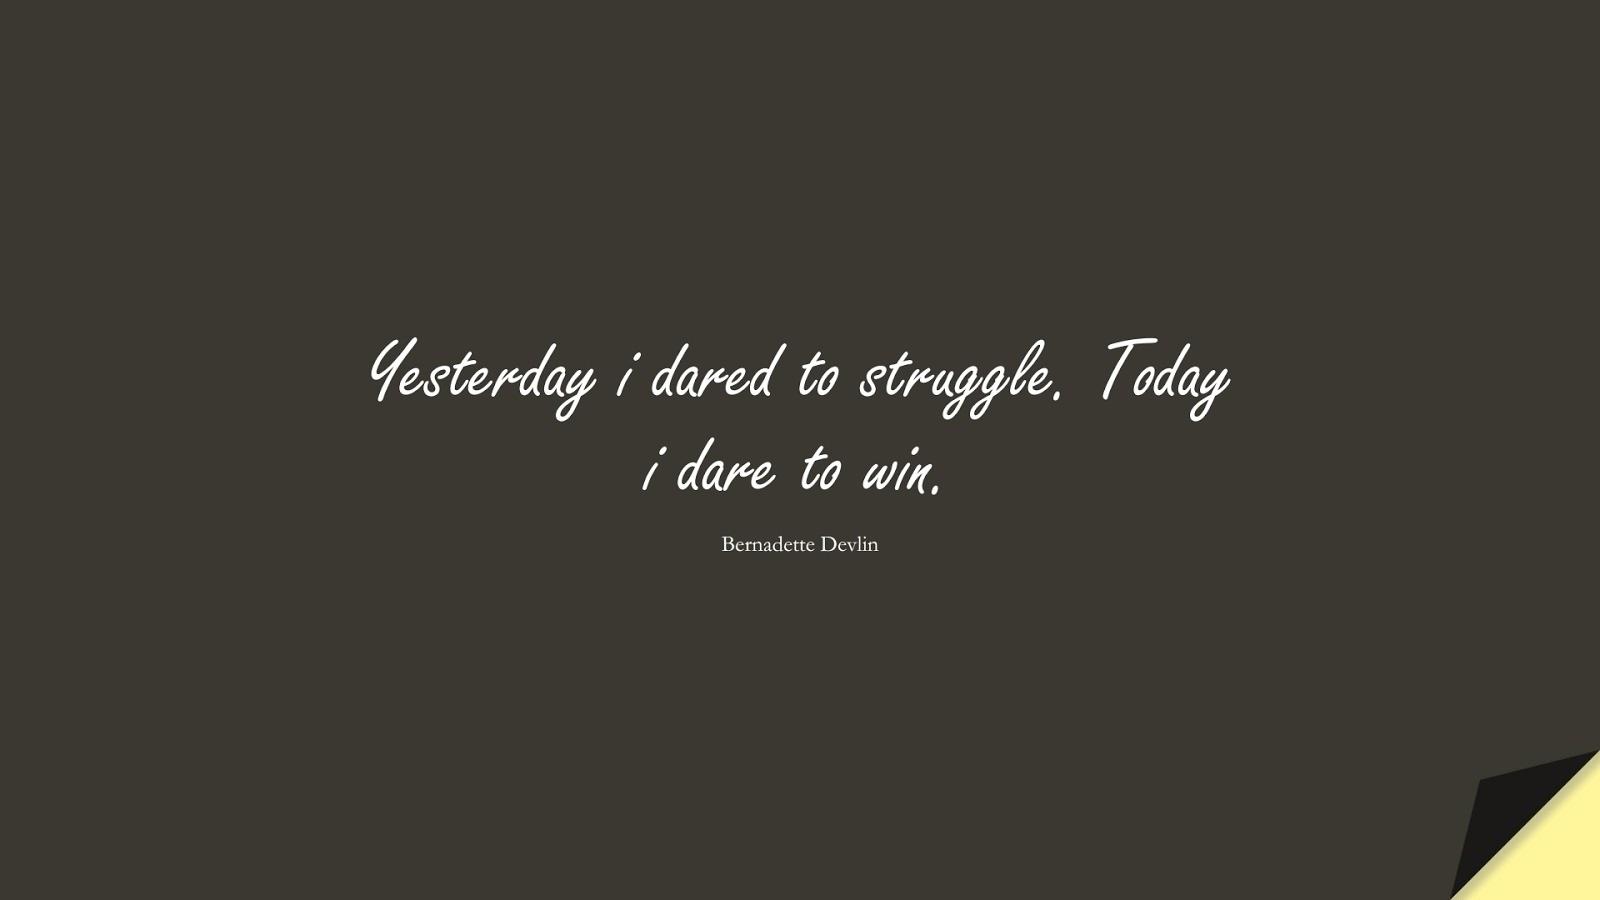 Yesterday i dared to struggle. Today i dare to win. (Bernadette Devlin);  #SuccessQuotes